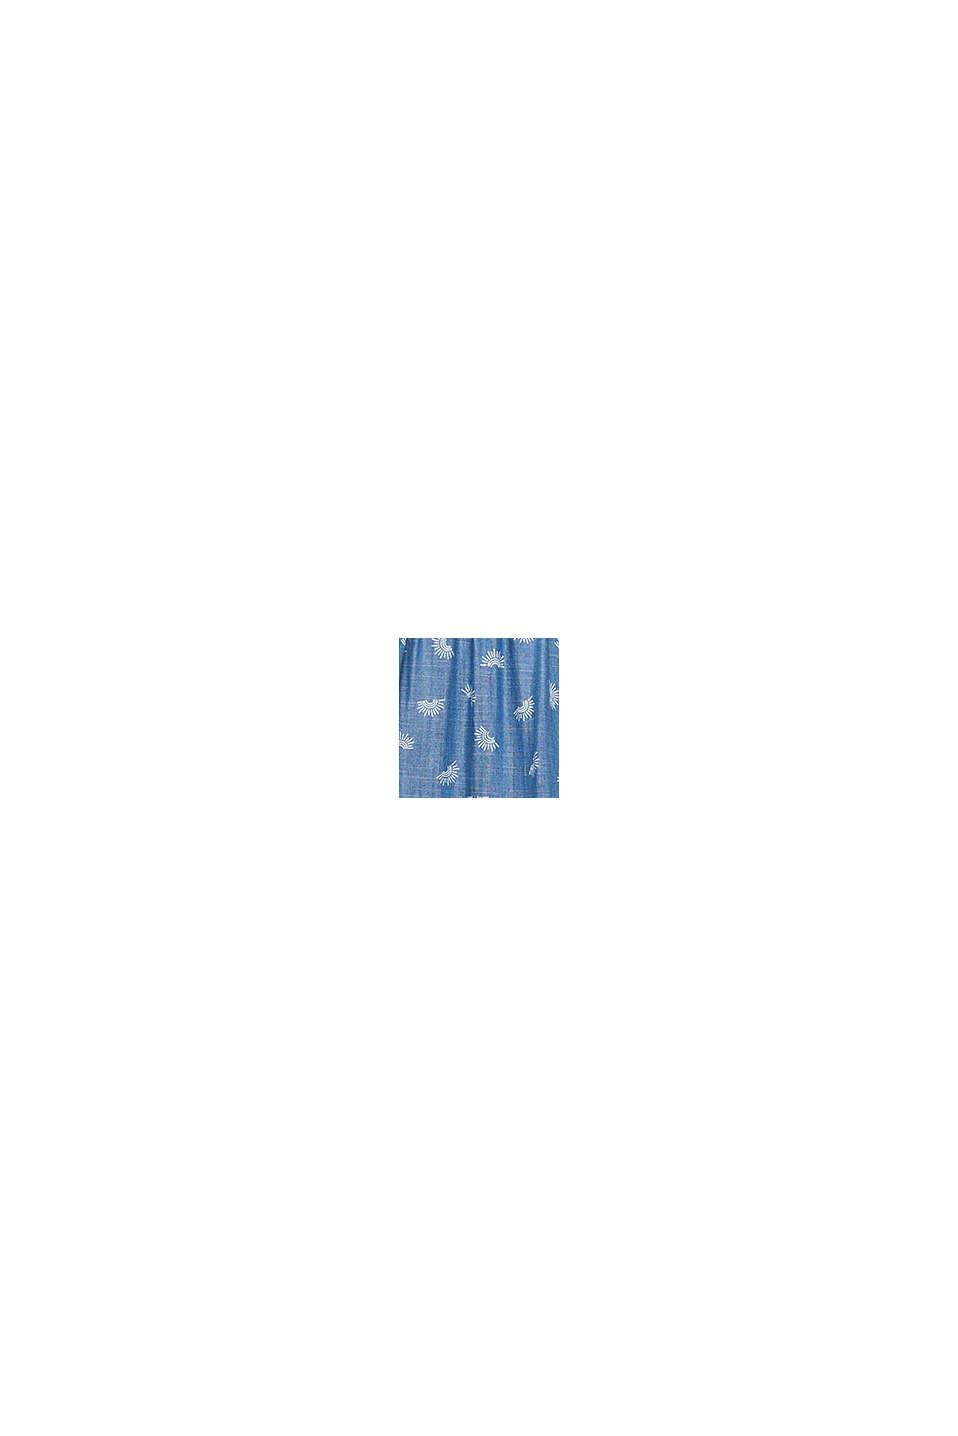 Denim-Kleid aus Lyocell, BLUE LIGHT WASHED, swatch